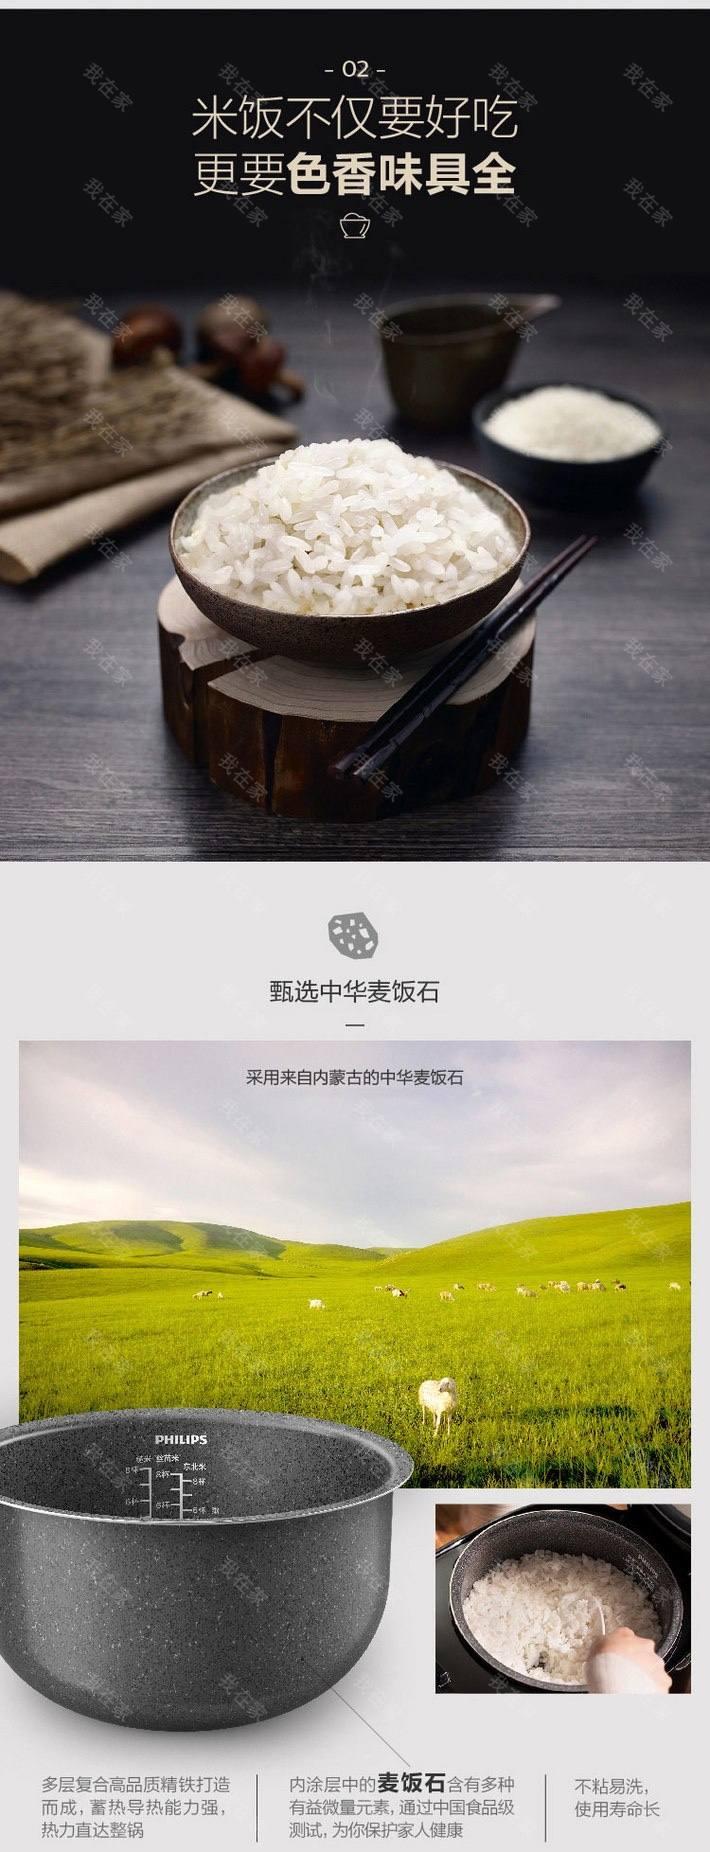 飞利浦品牌飞利浦麦饭石电饭煲4L的详细介绍